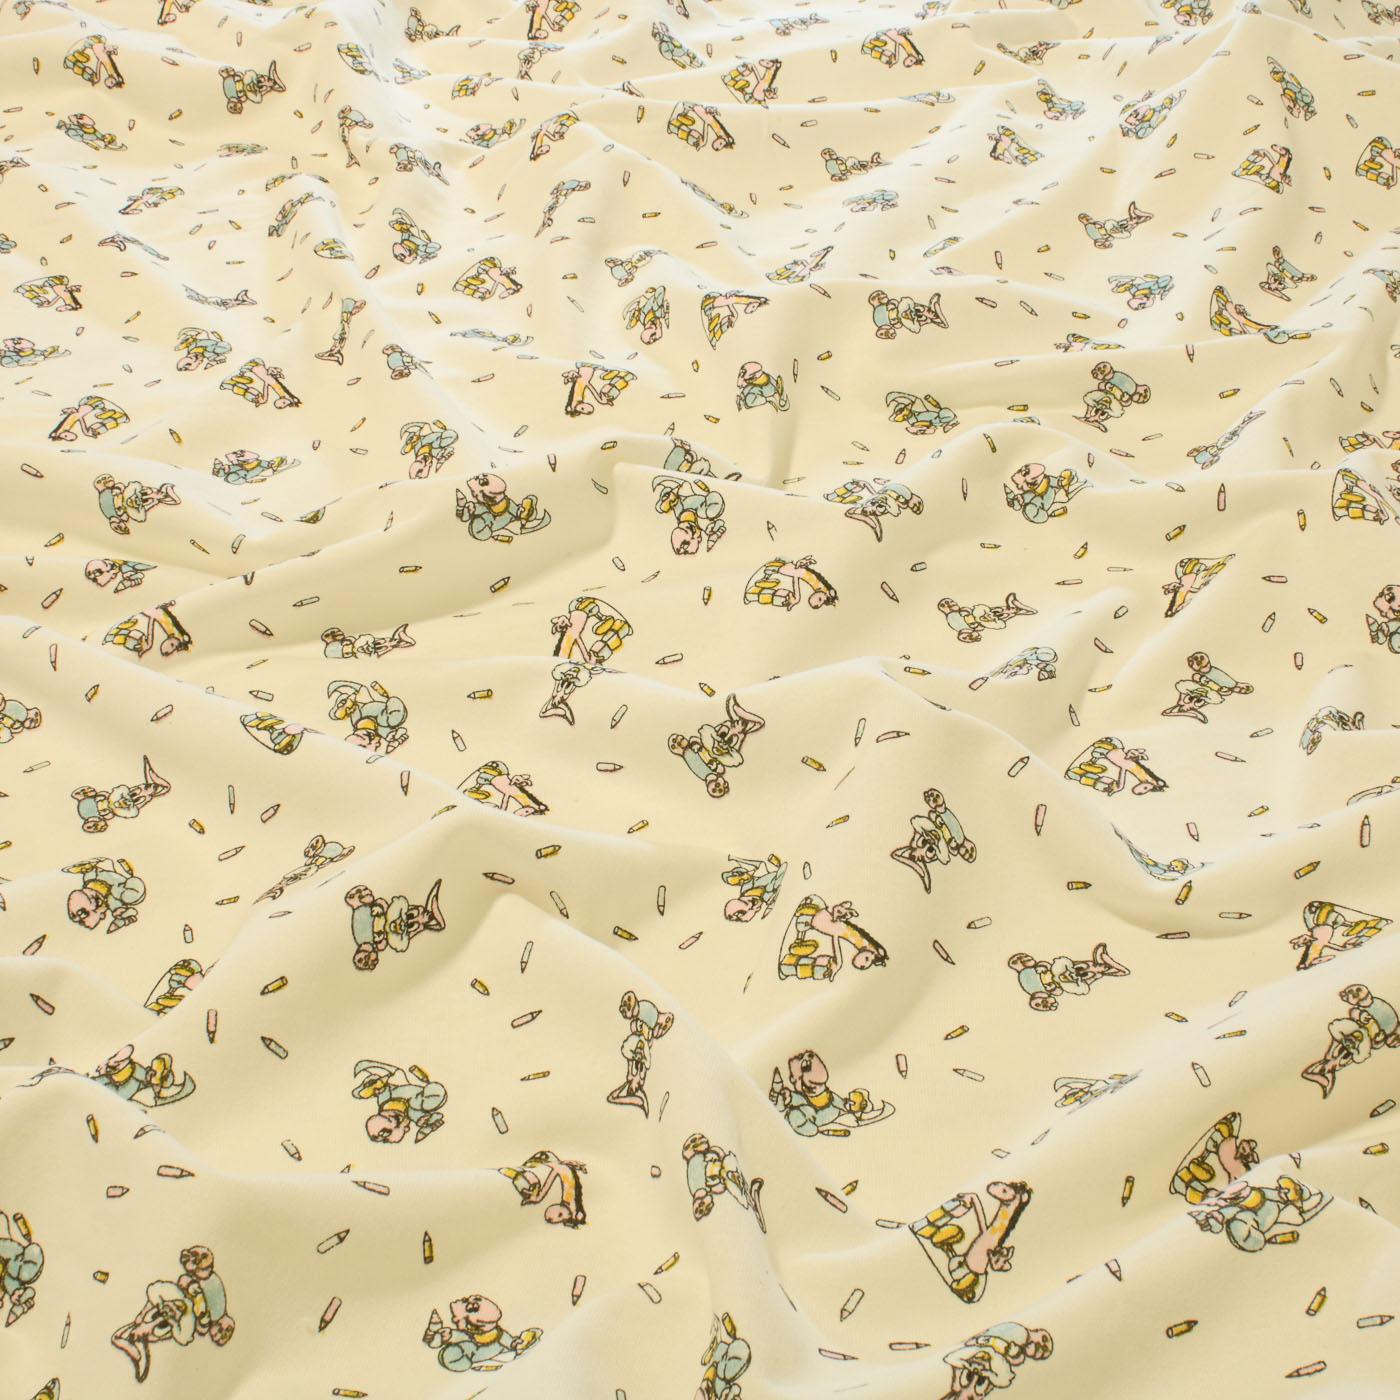 Tecido Moletinho Estampado 100% Algodão Coelhinhos Girafinha